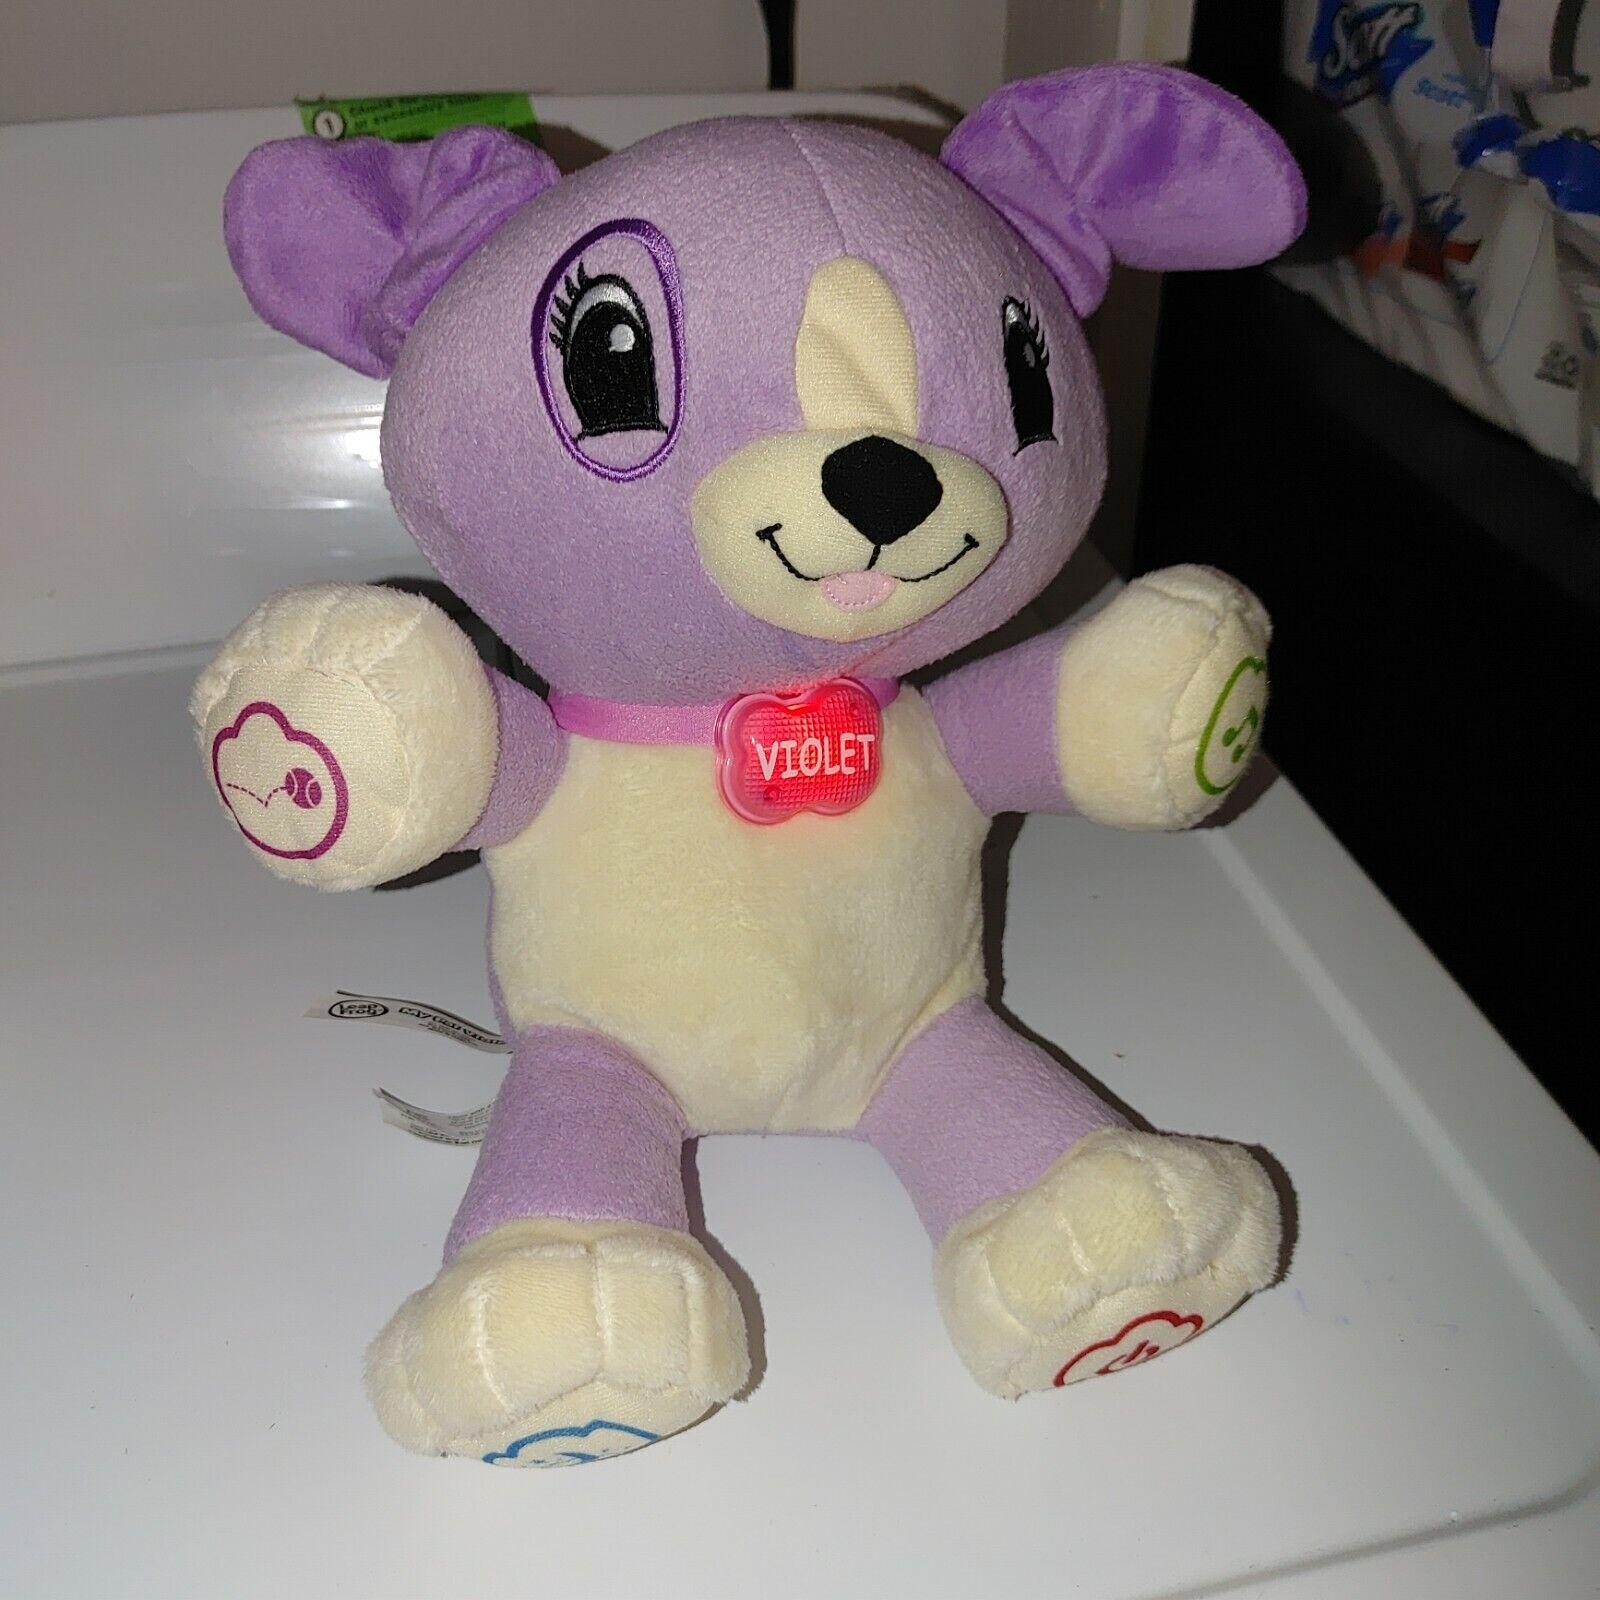 LeapFrog My Pal Violet for sale online